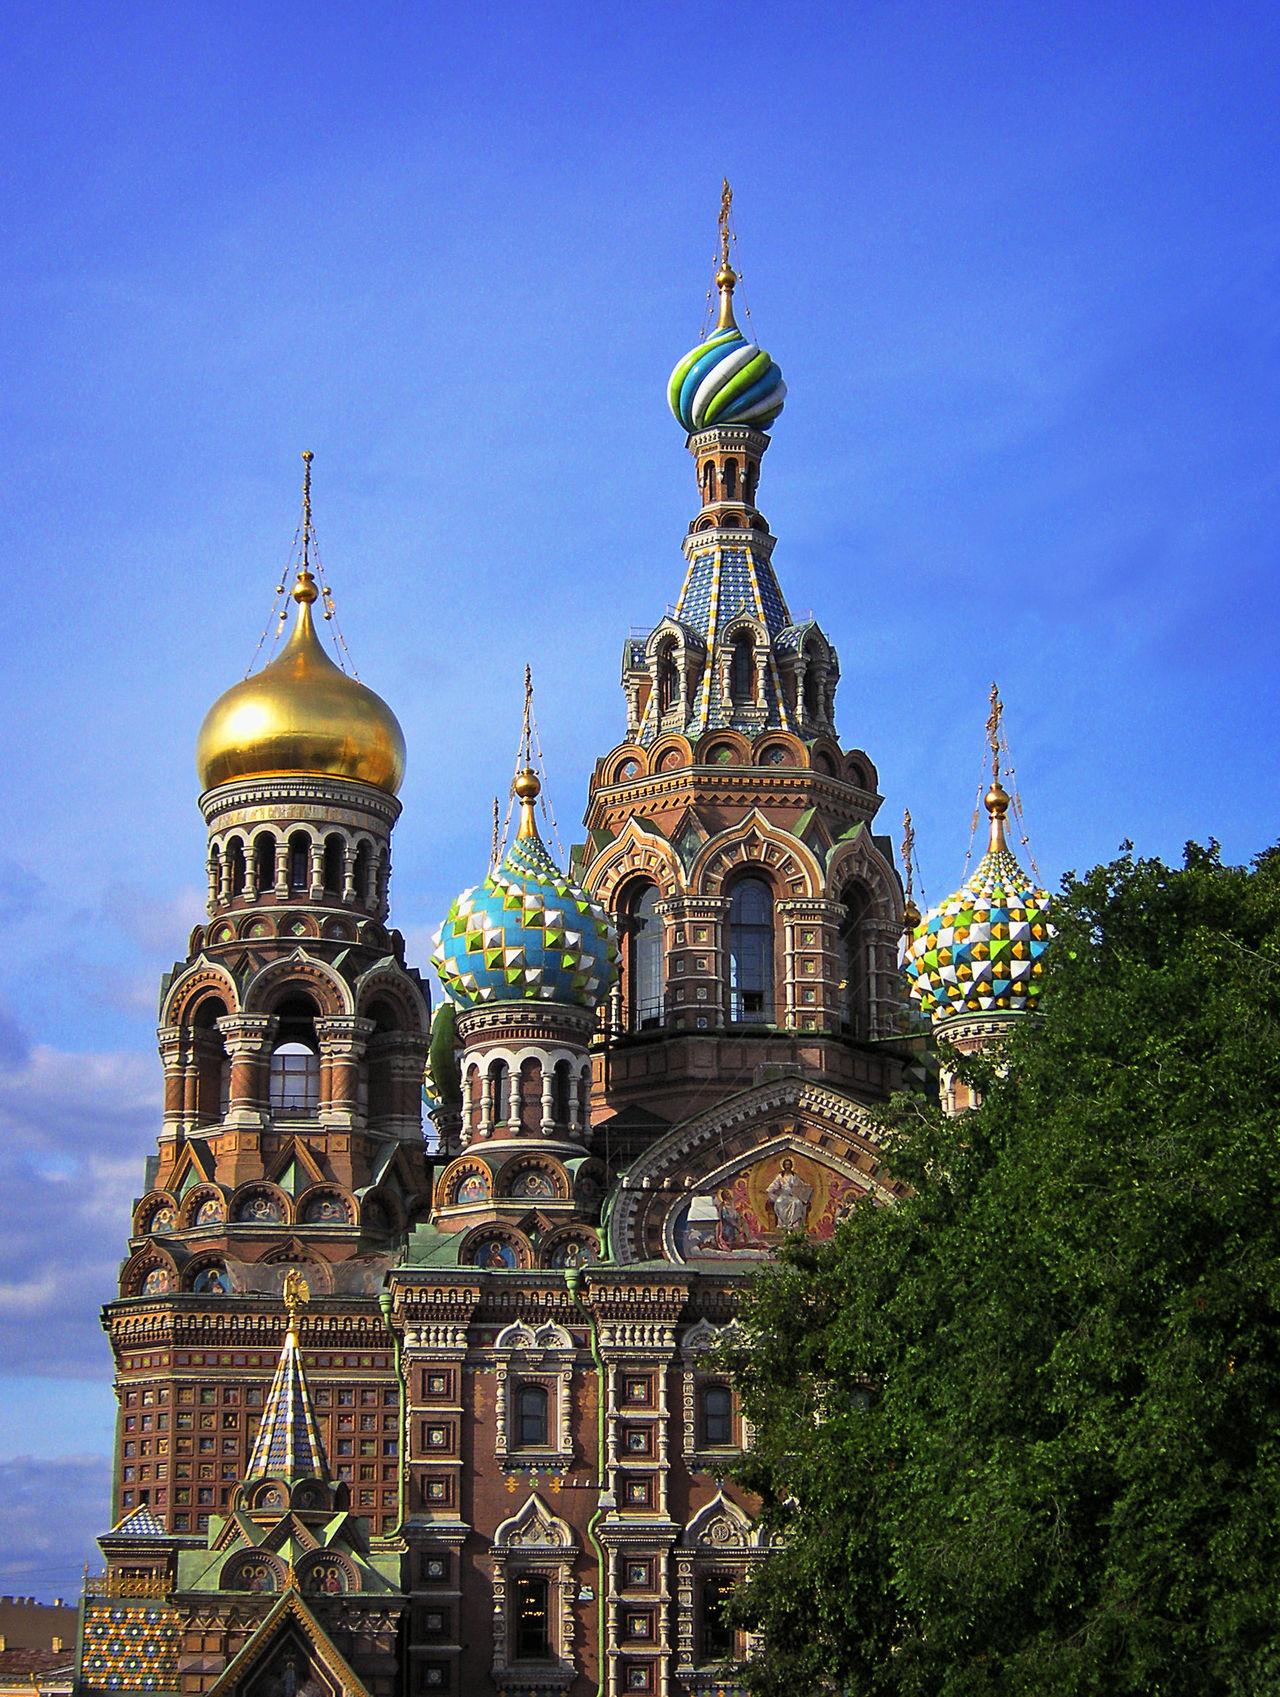 Verlosserskathedraal, St. Petersburg